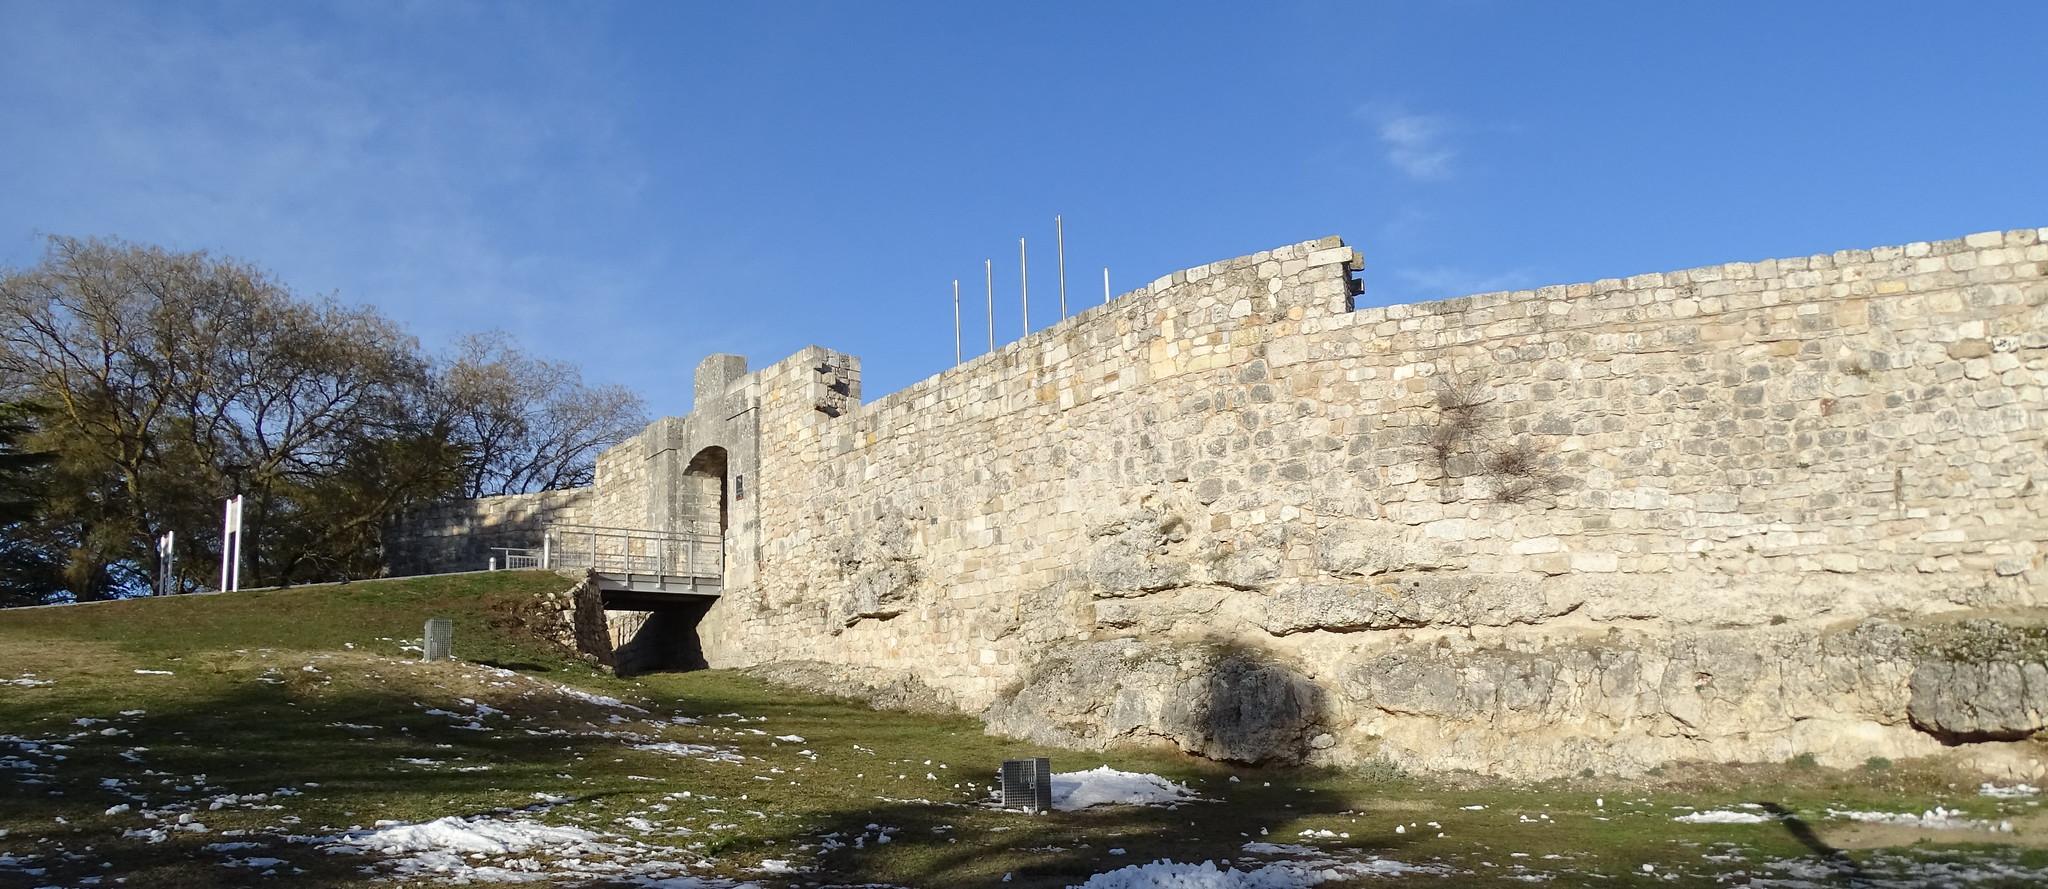 Castillo y muralla de Burgos